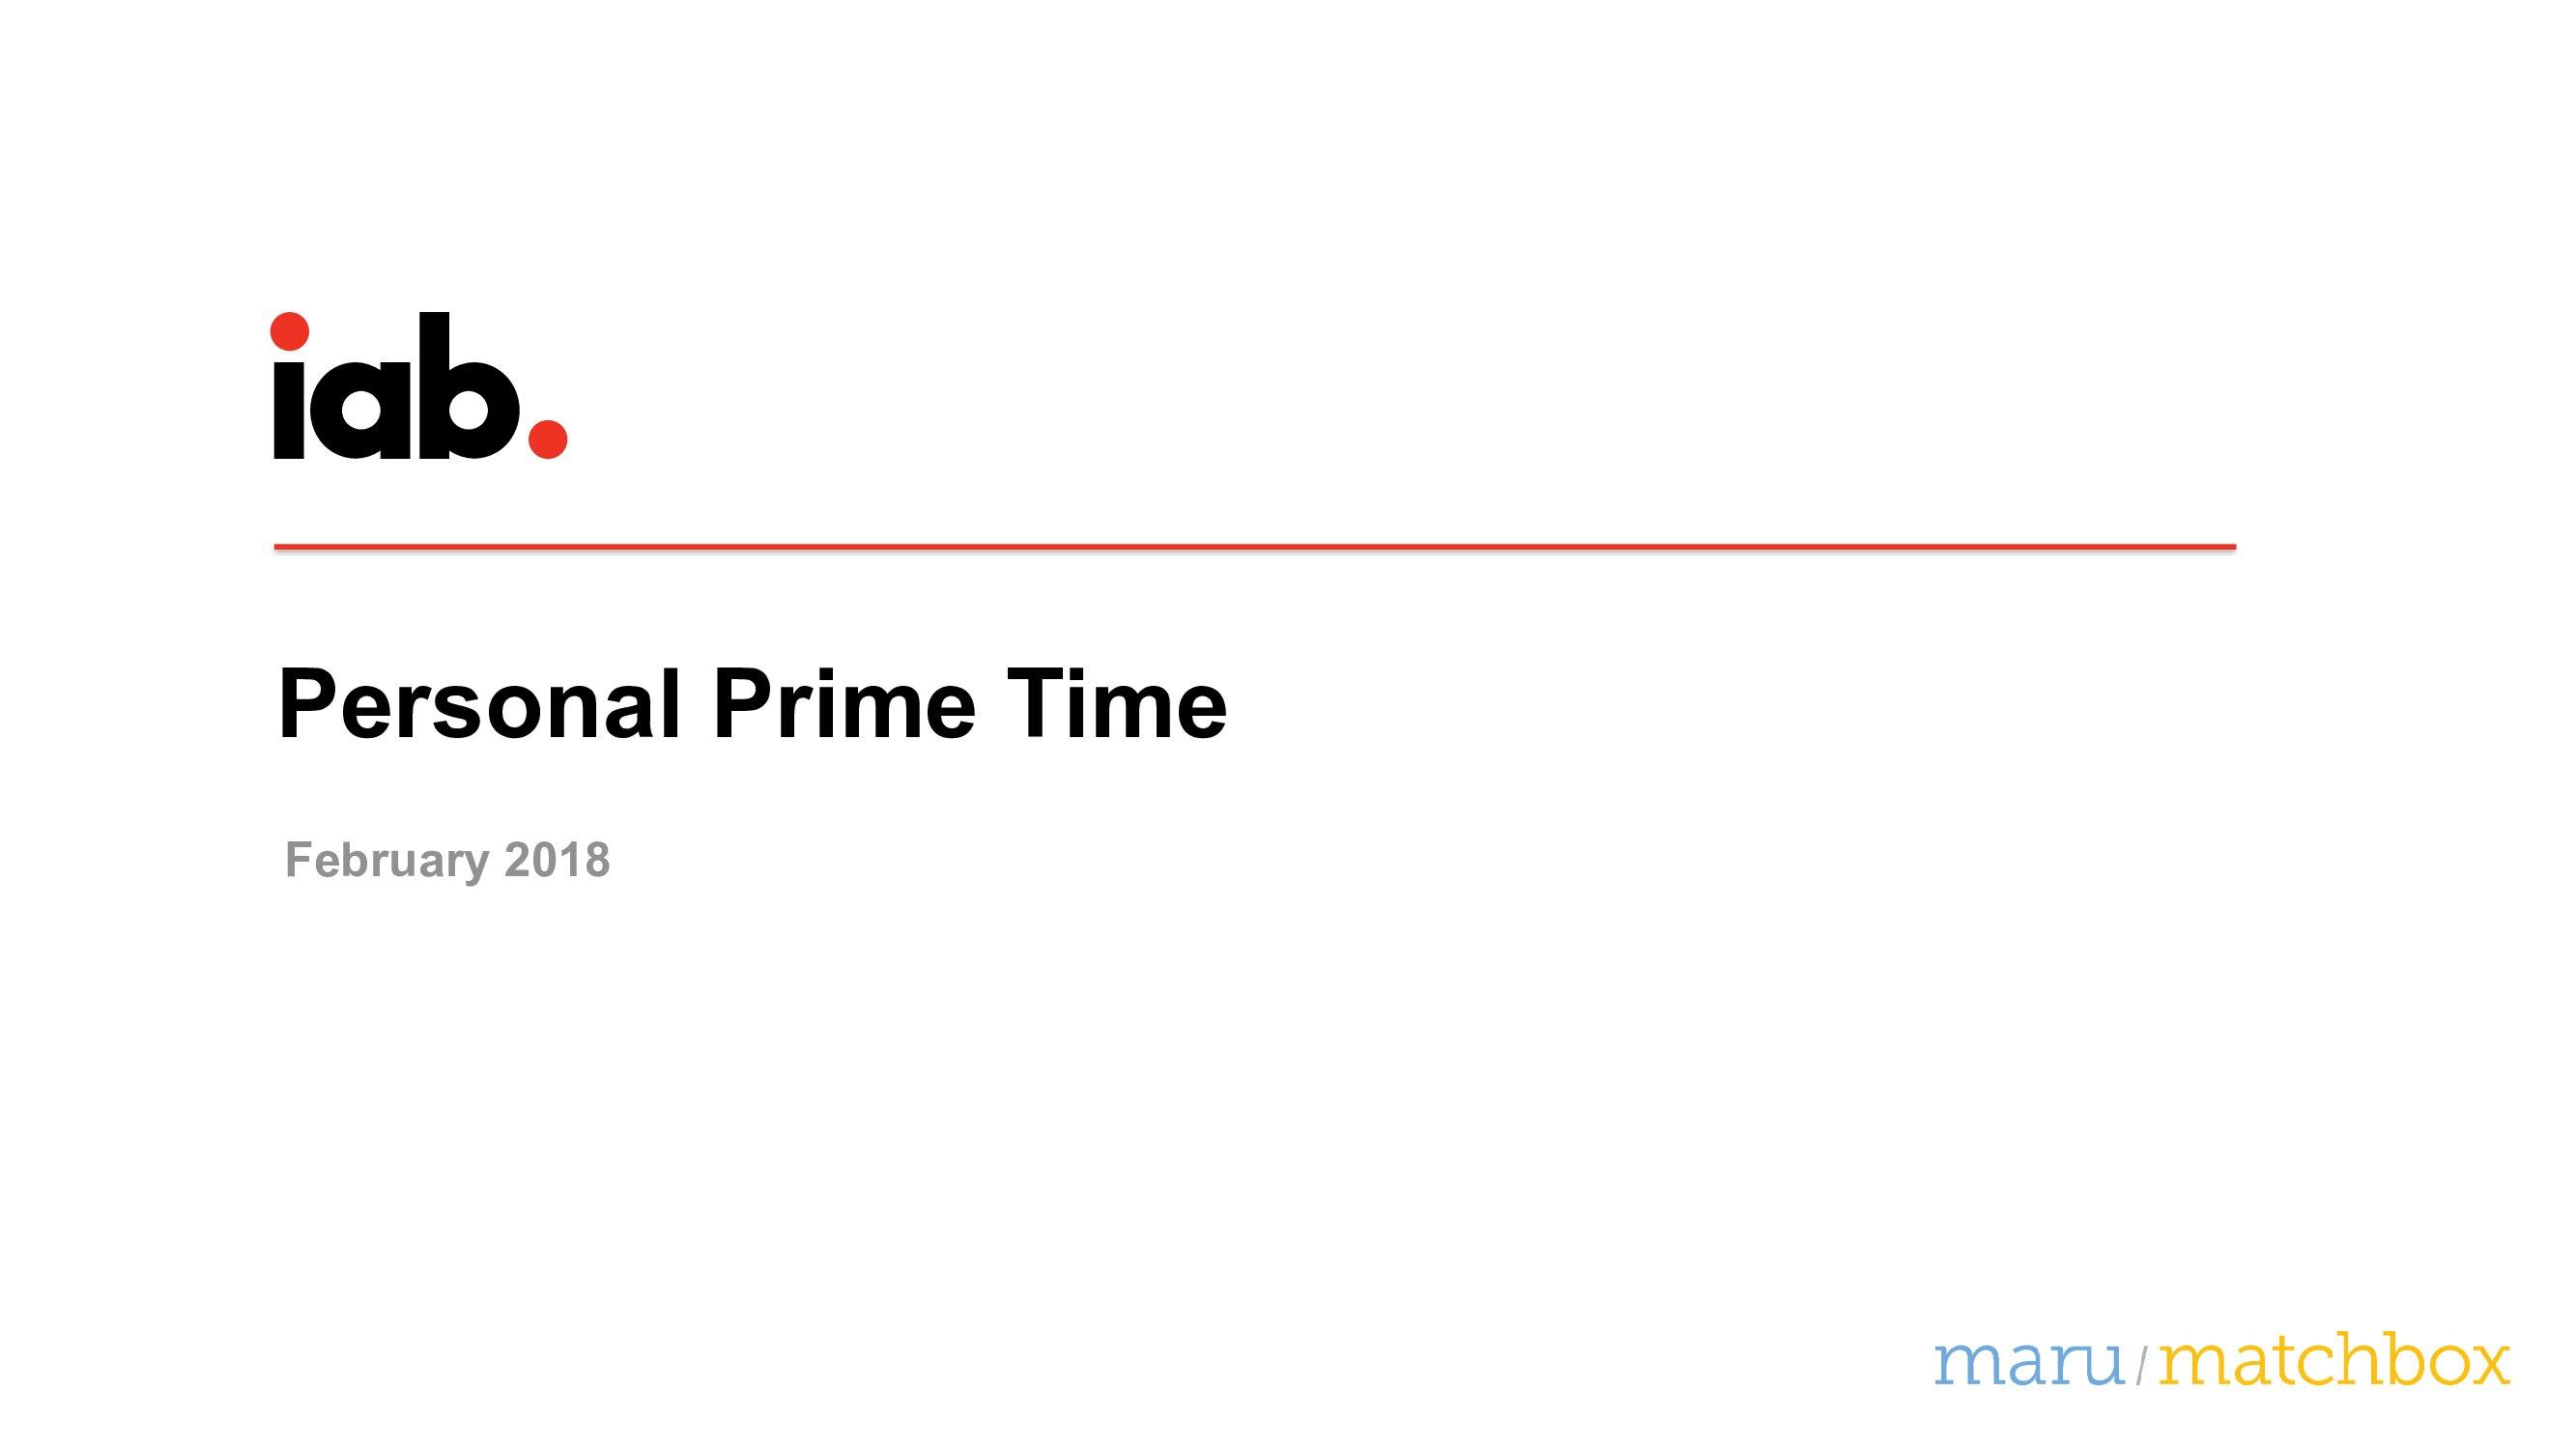 美国网民媒介接触报告:个人黄金时间